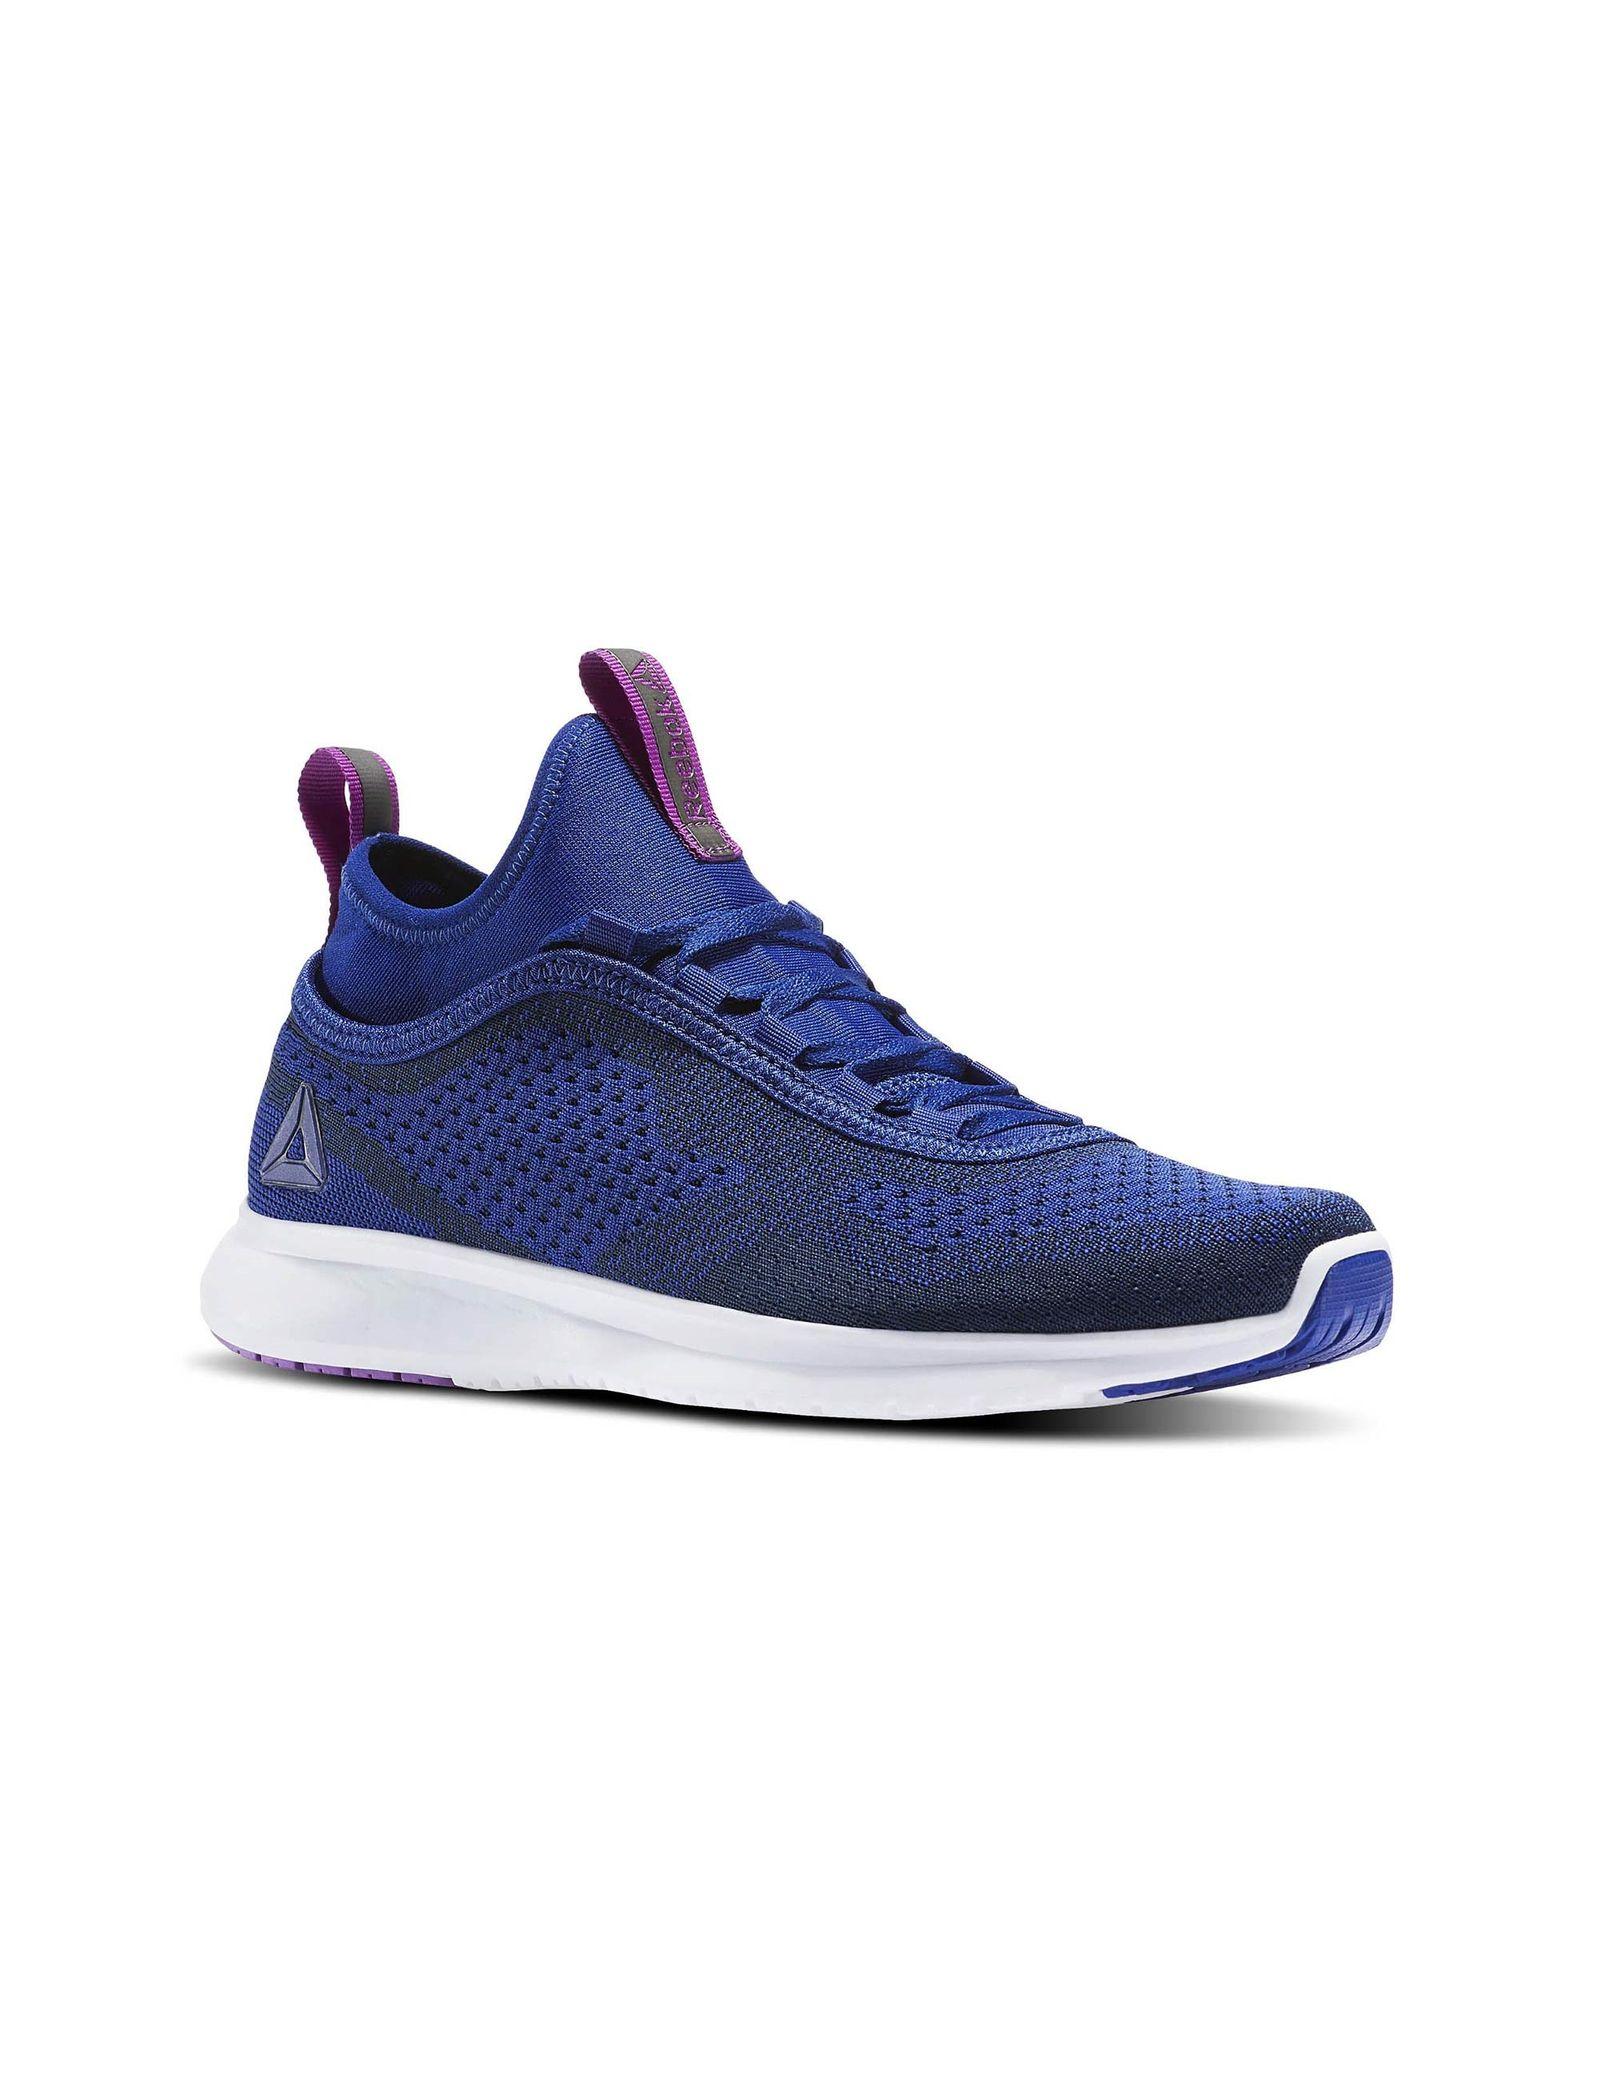 کفش دویدن بندی زنانه Plus Runner Ultraknit - ریباک - آبي - 4